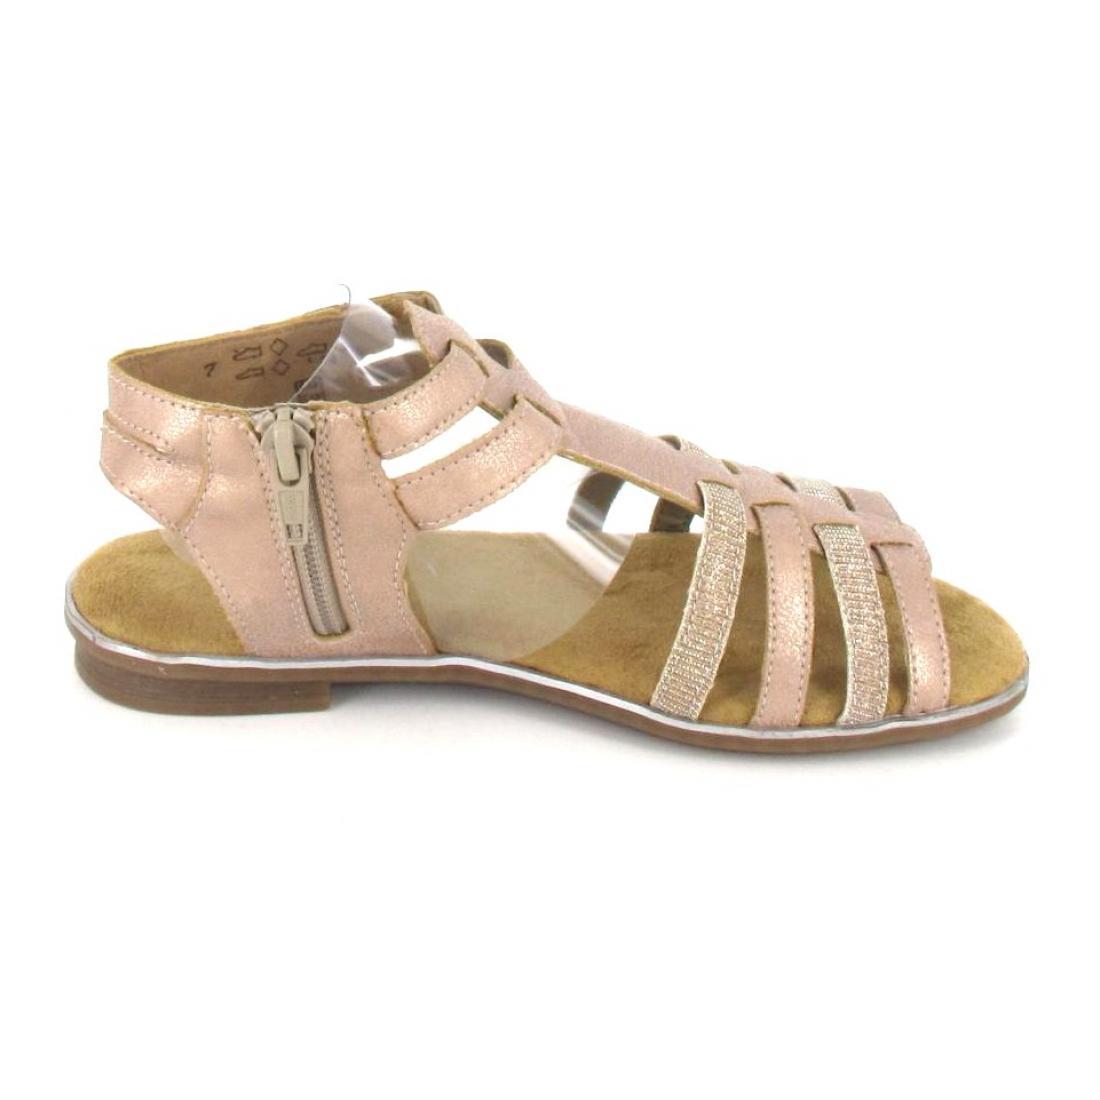 Rieker Sandale | Schuh Welt Wo Markenschuhe günstig sind cs0fz